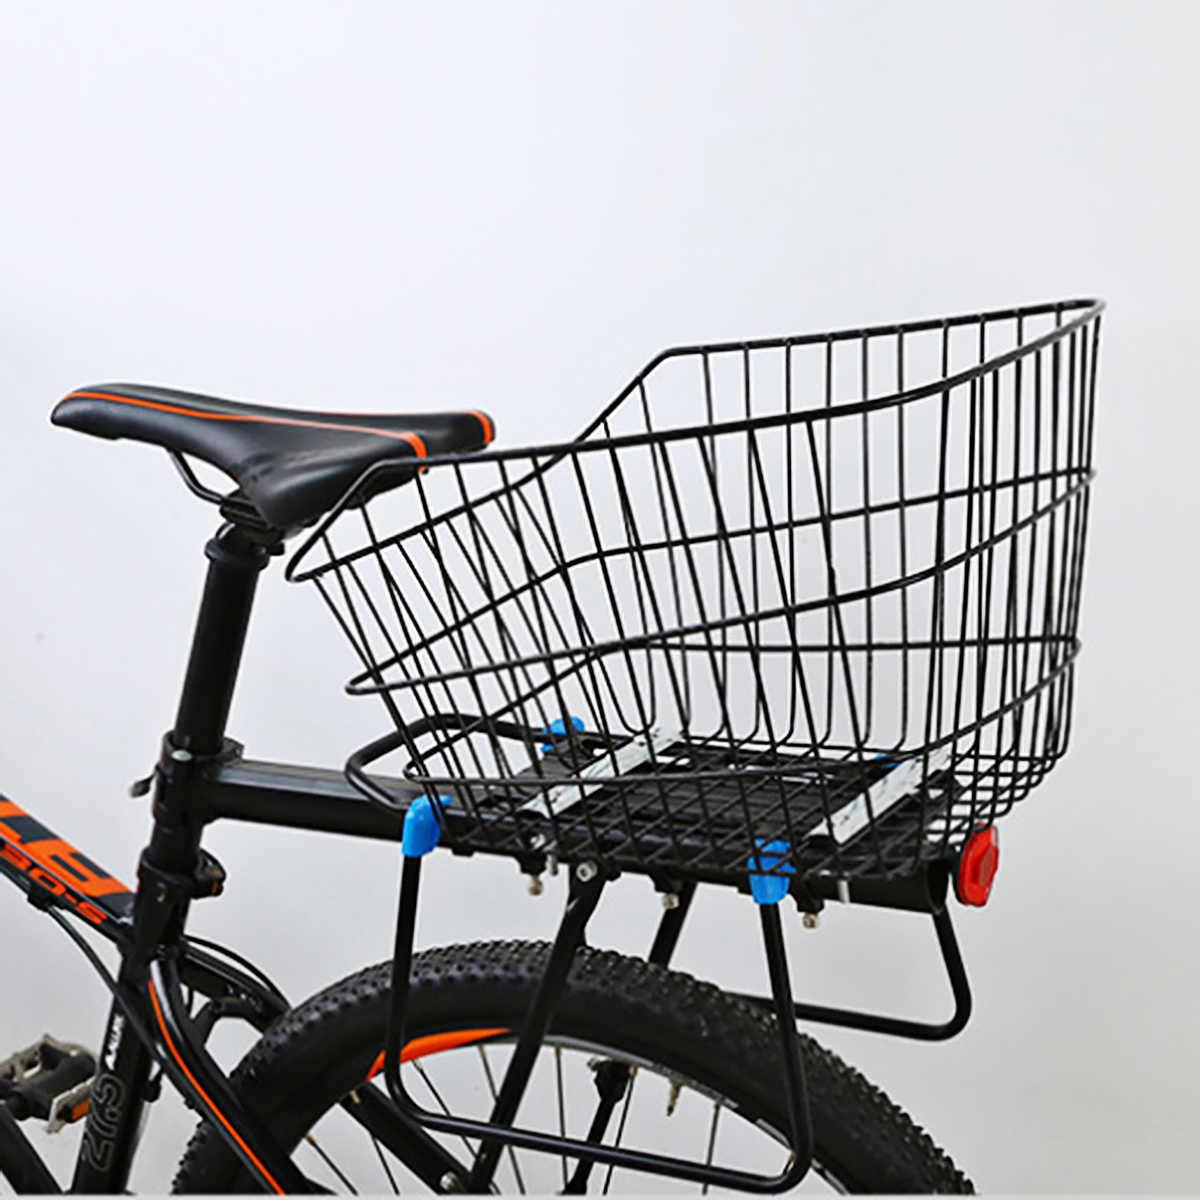 Cesta Universal Para Bicicleta De Montaña Accesorio Para Niños Almacenamiento Para Bicicleta De Montaña 2020 Maletas Y Cestas De Bicicleta Aliexpress